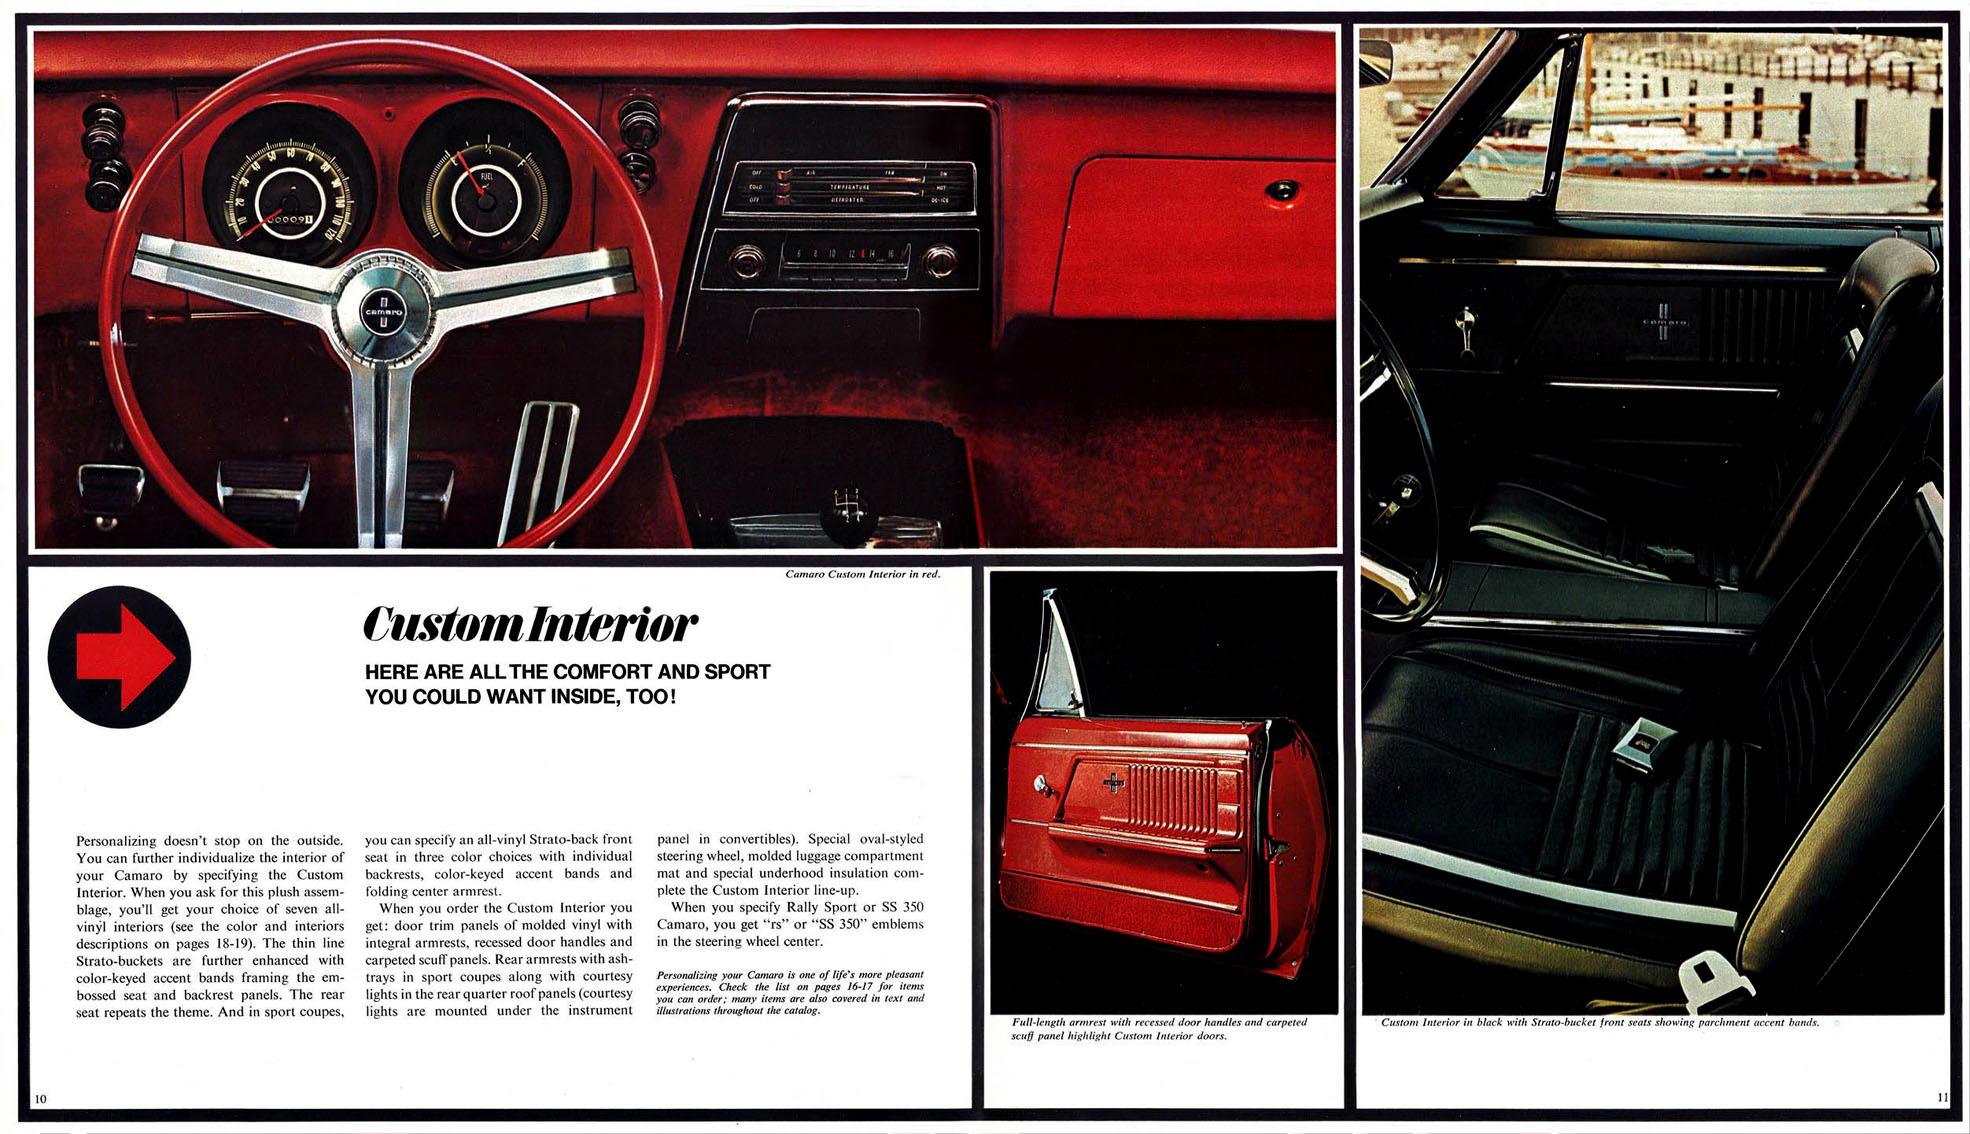 1967 Camaro Custom Interior